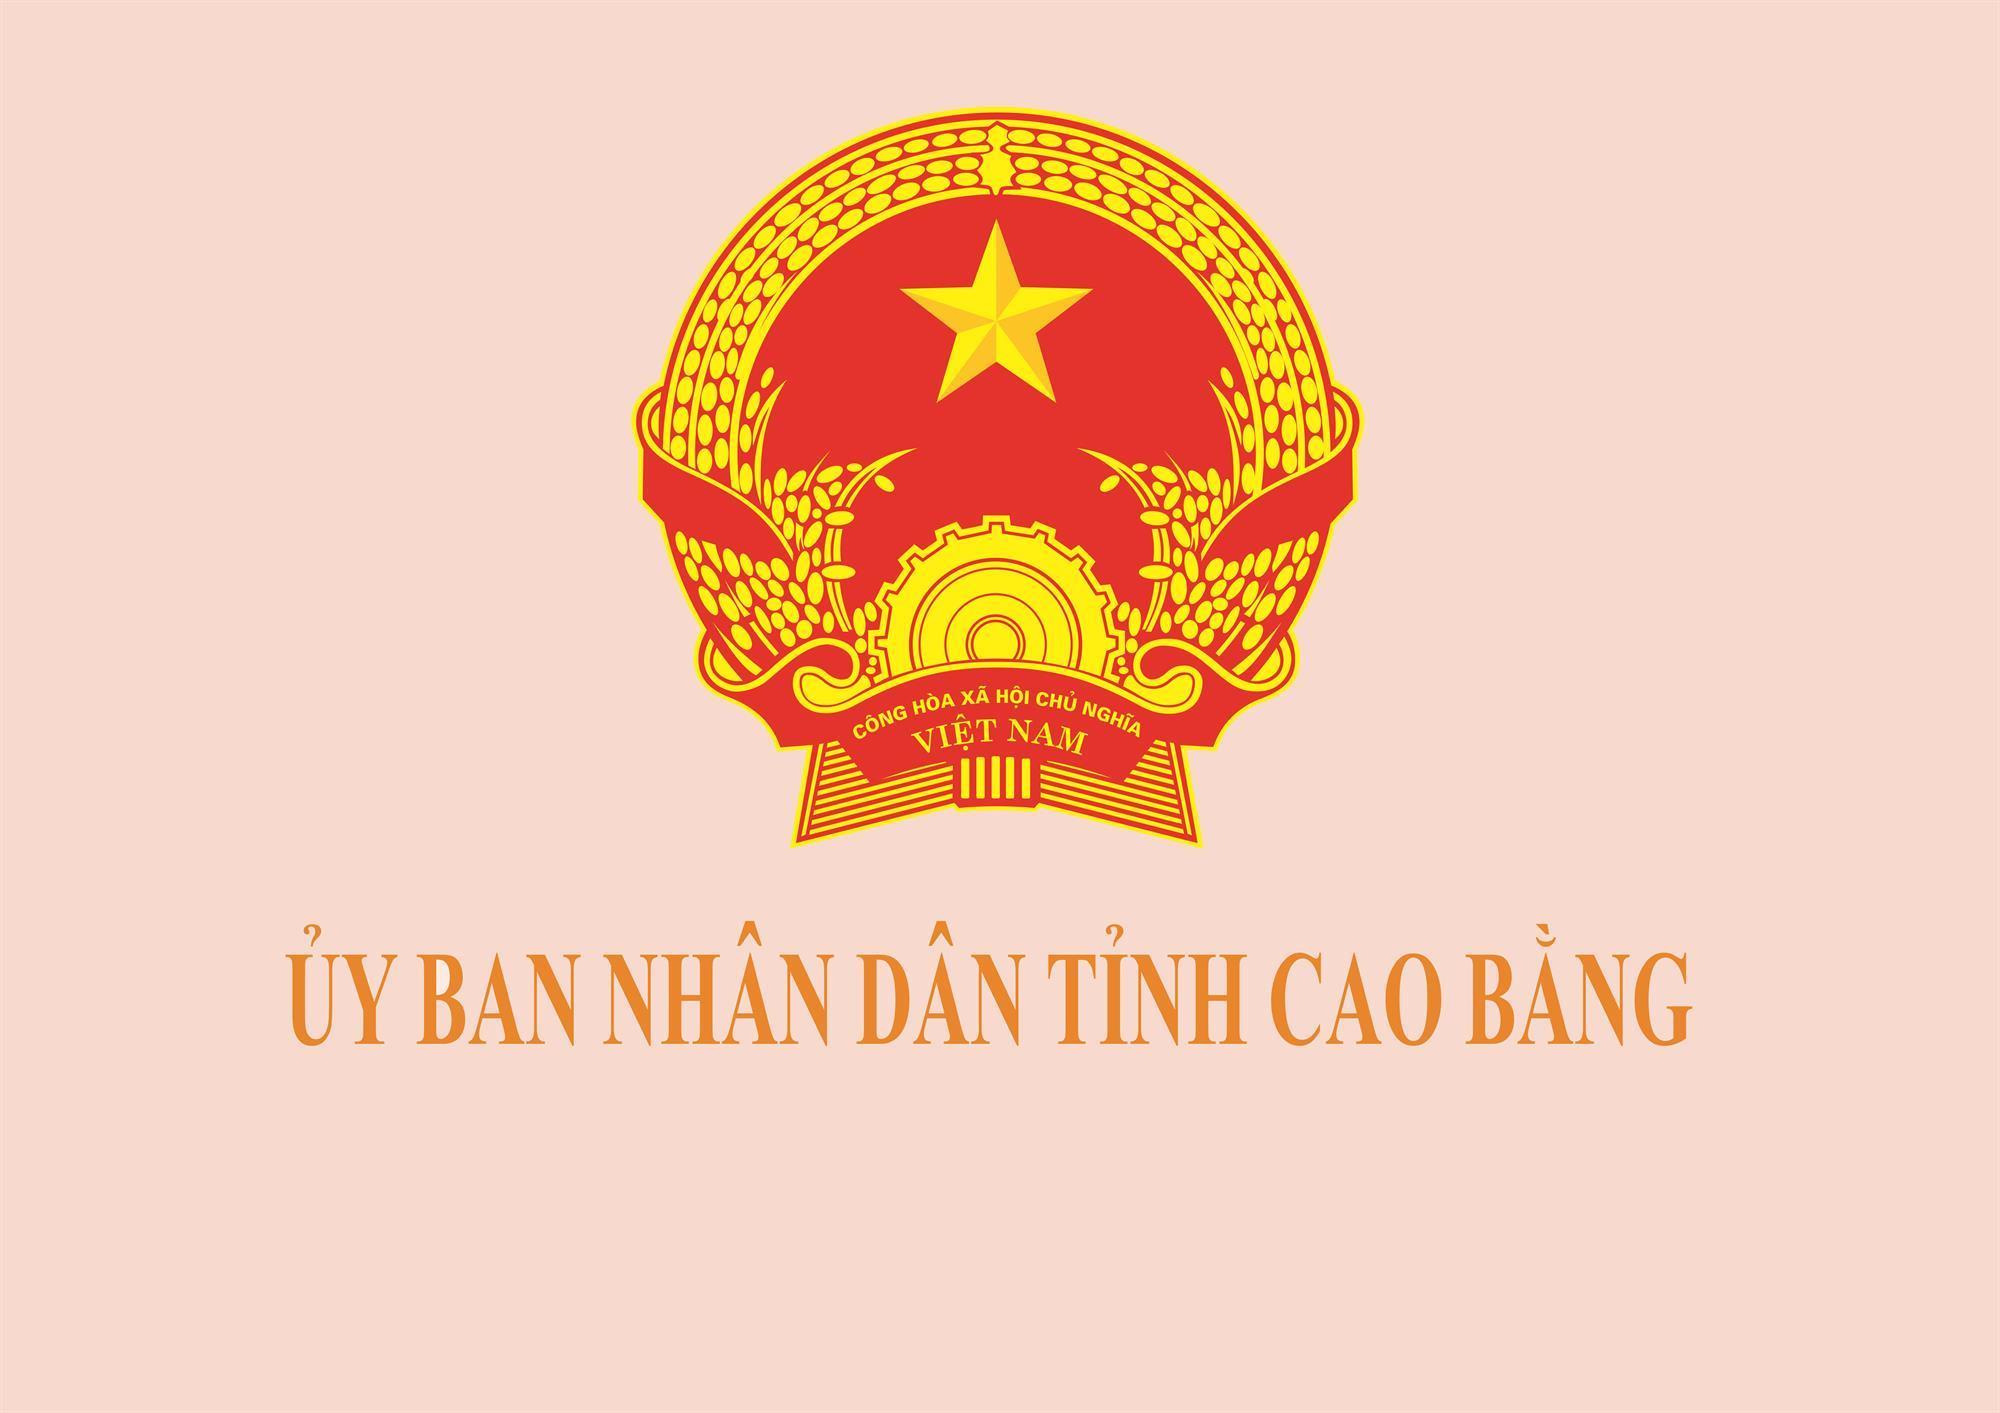 UBND tỉnh chỉ đạo thành lập Trạm kiểm soát dịch COVID-19 tại Keng Pèn